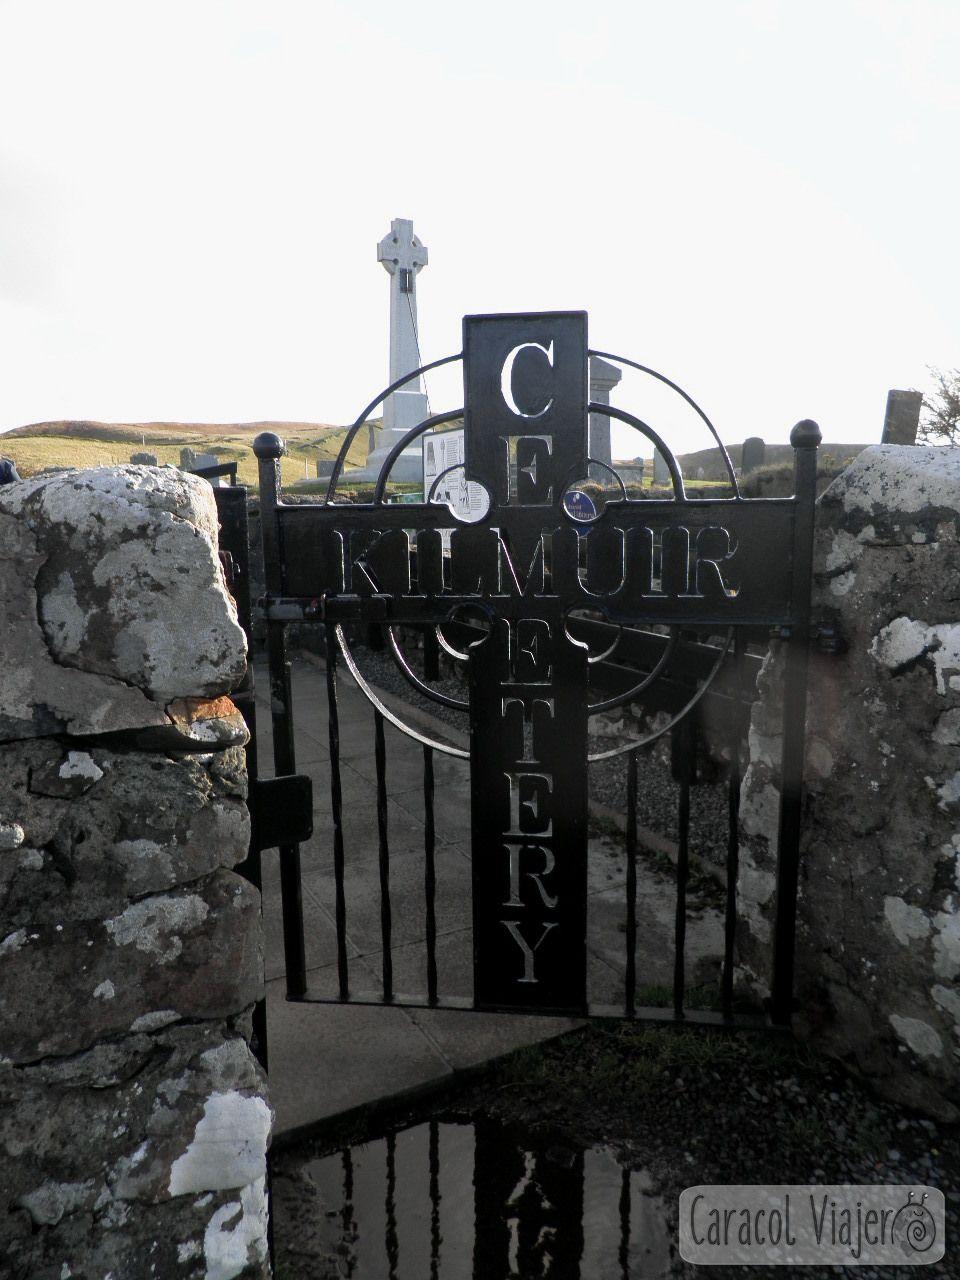 Kilmuir, cementerio. Entrada. Escocia. Isla de Skye.